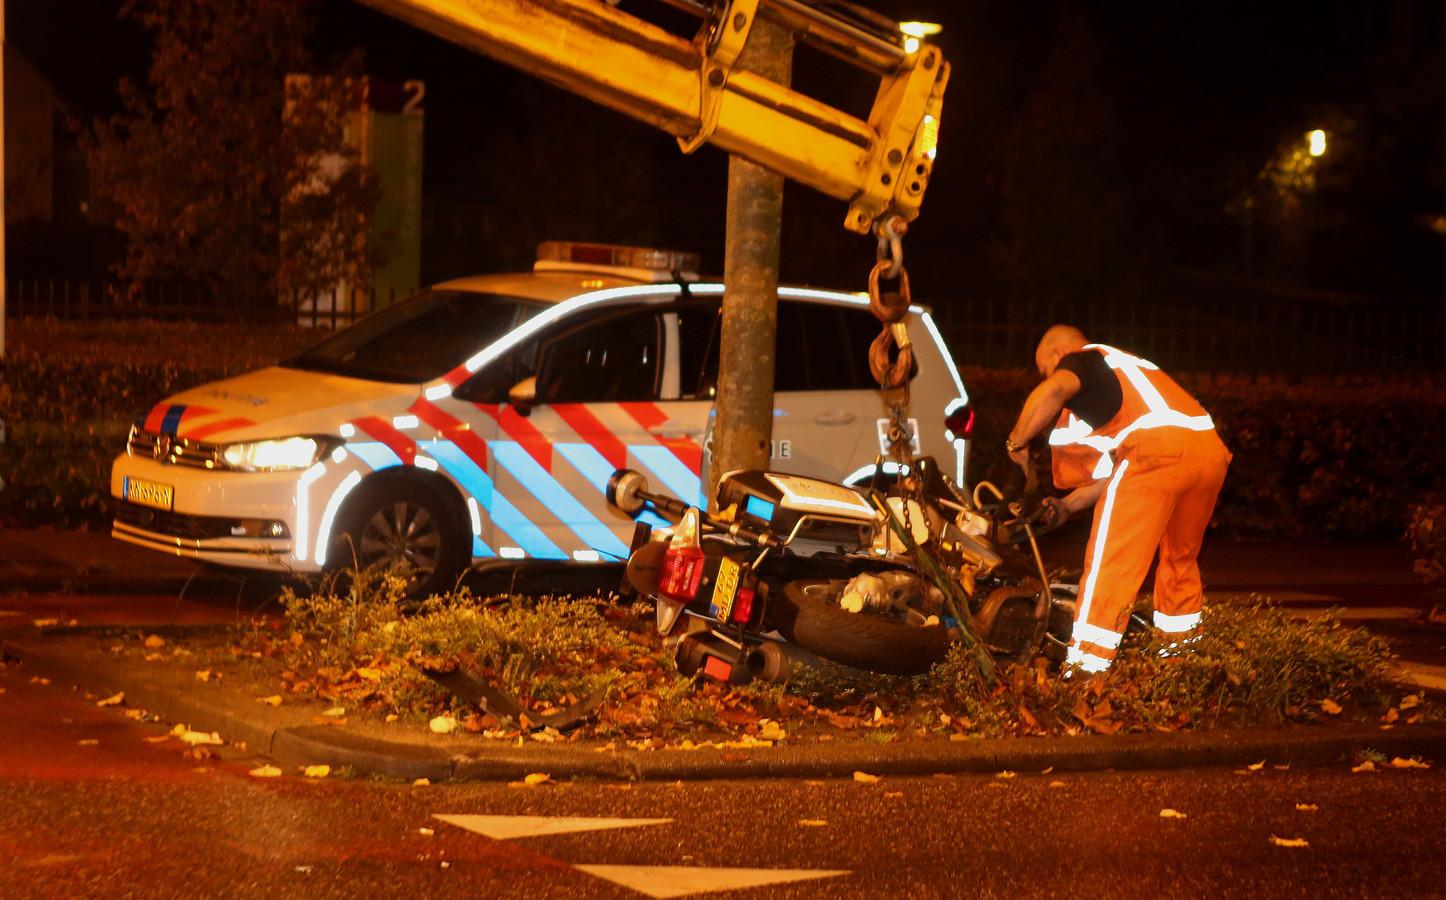 De motor van de omvergereden agent wordt weggetakeld. De aanrijding had plaats op de rotonde bij de Oude Vlijmenseweg en de Kooikersweg.